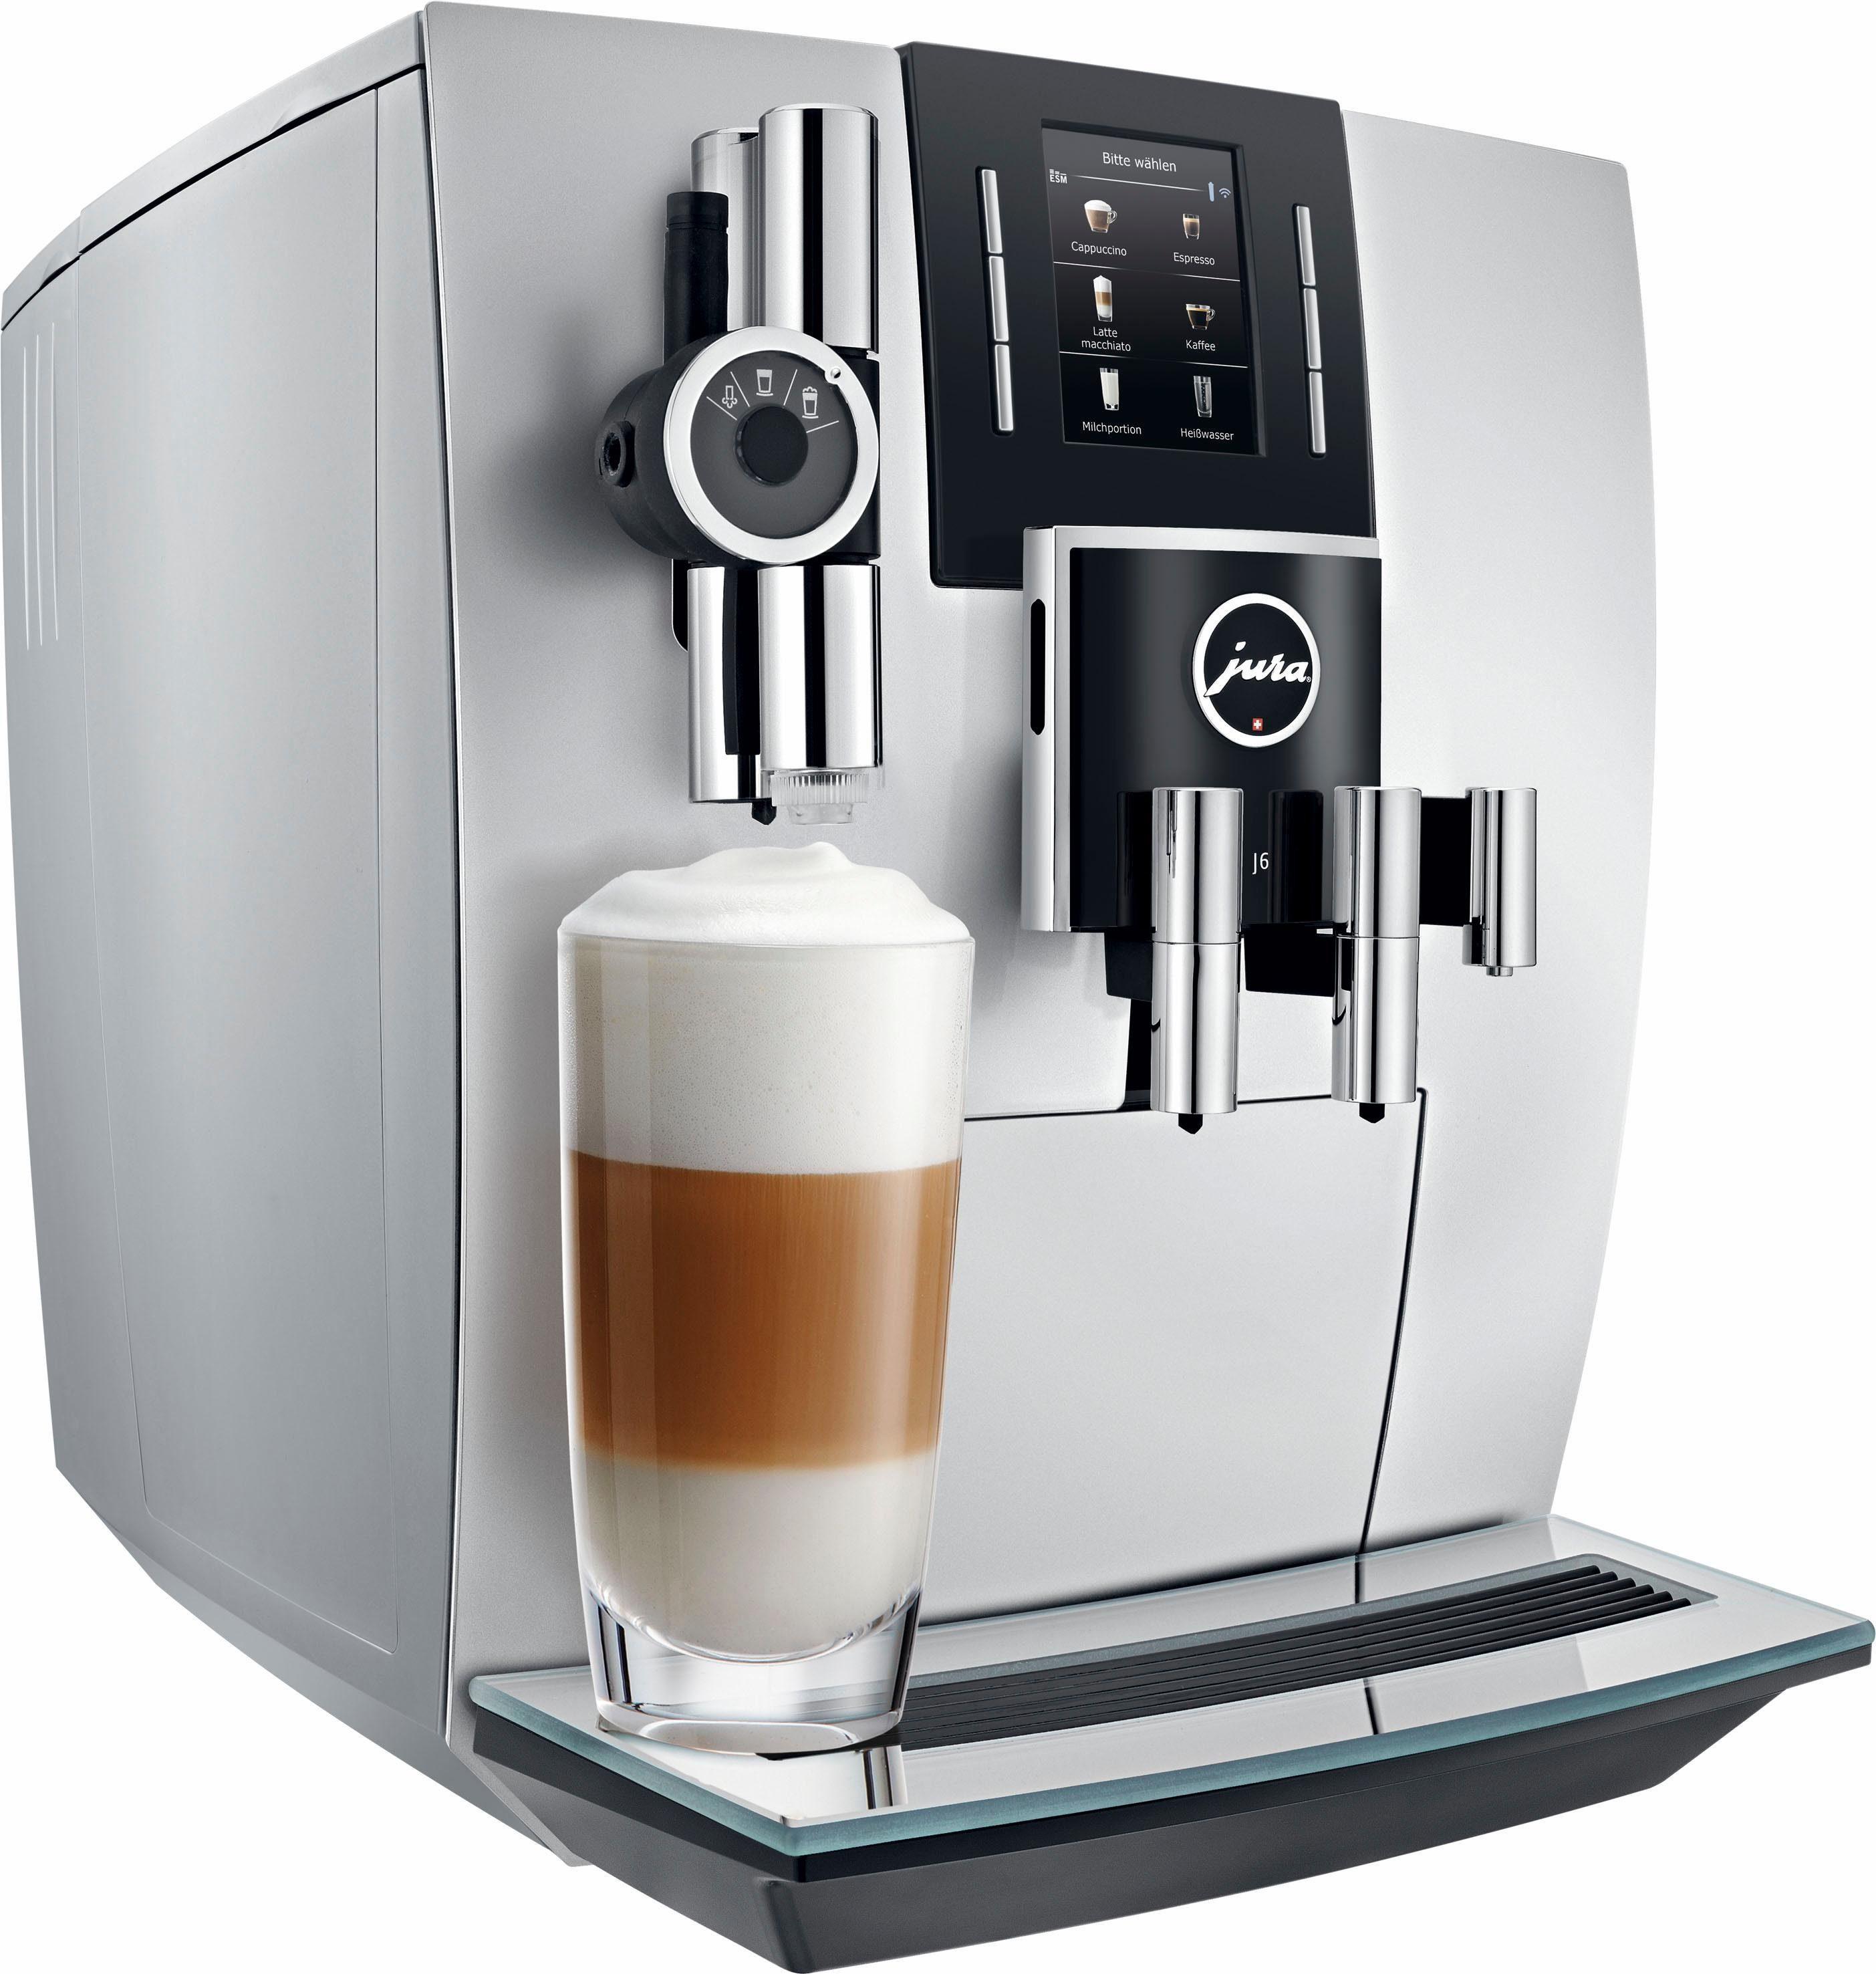 Jura Kaffeevollautomat 15111 J6 Brilliantsilber